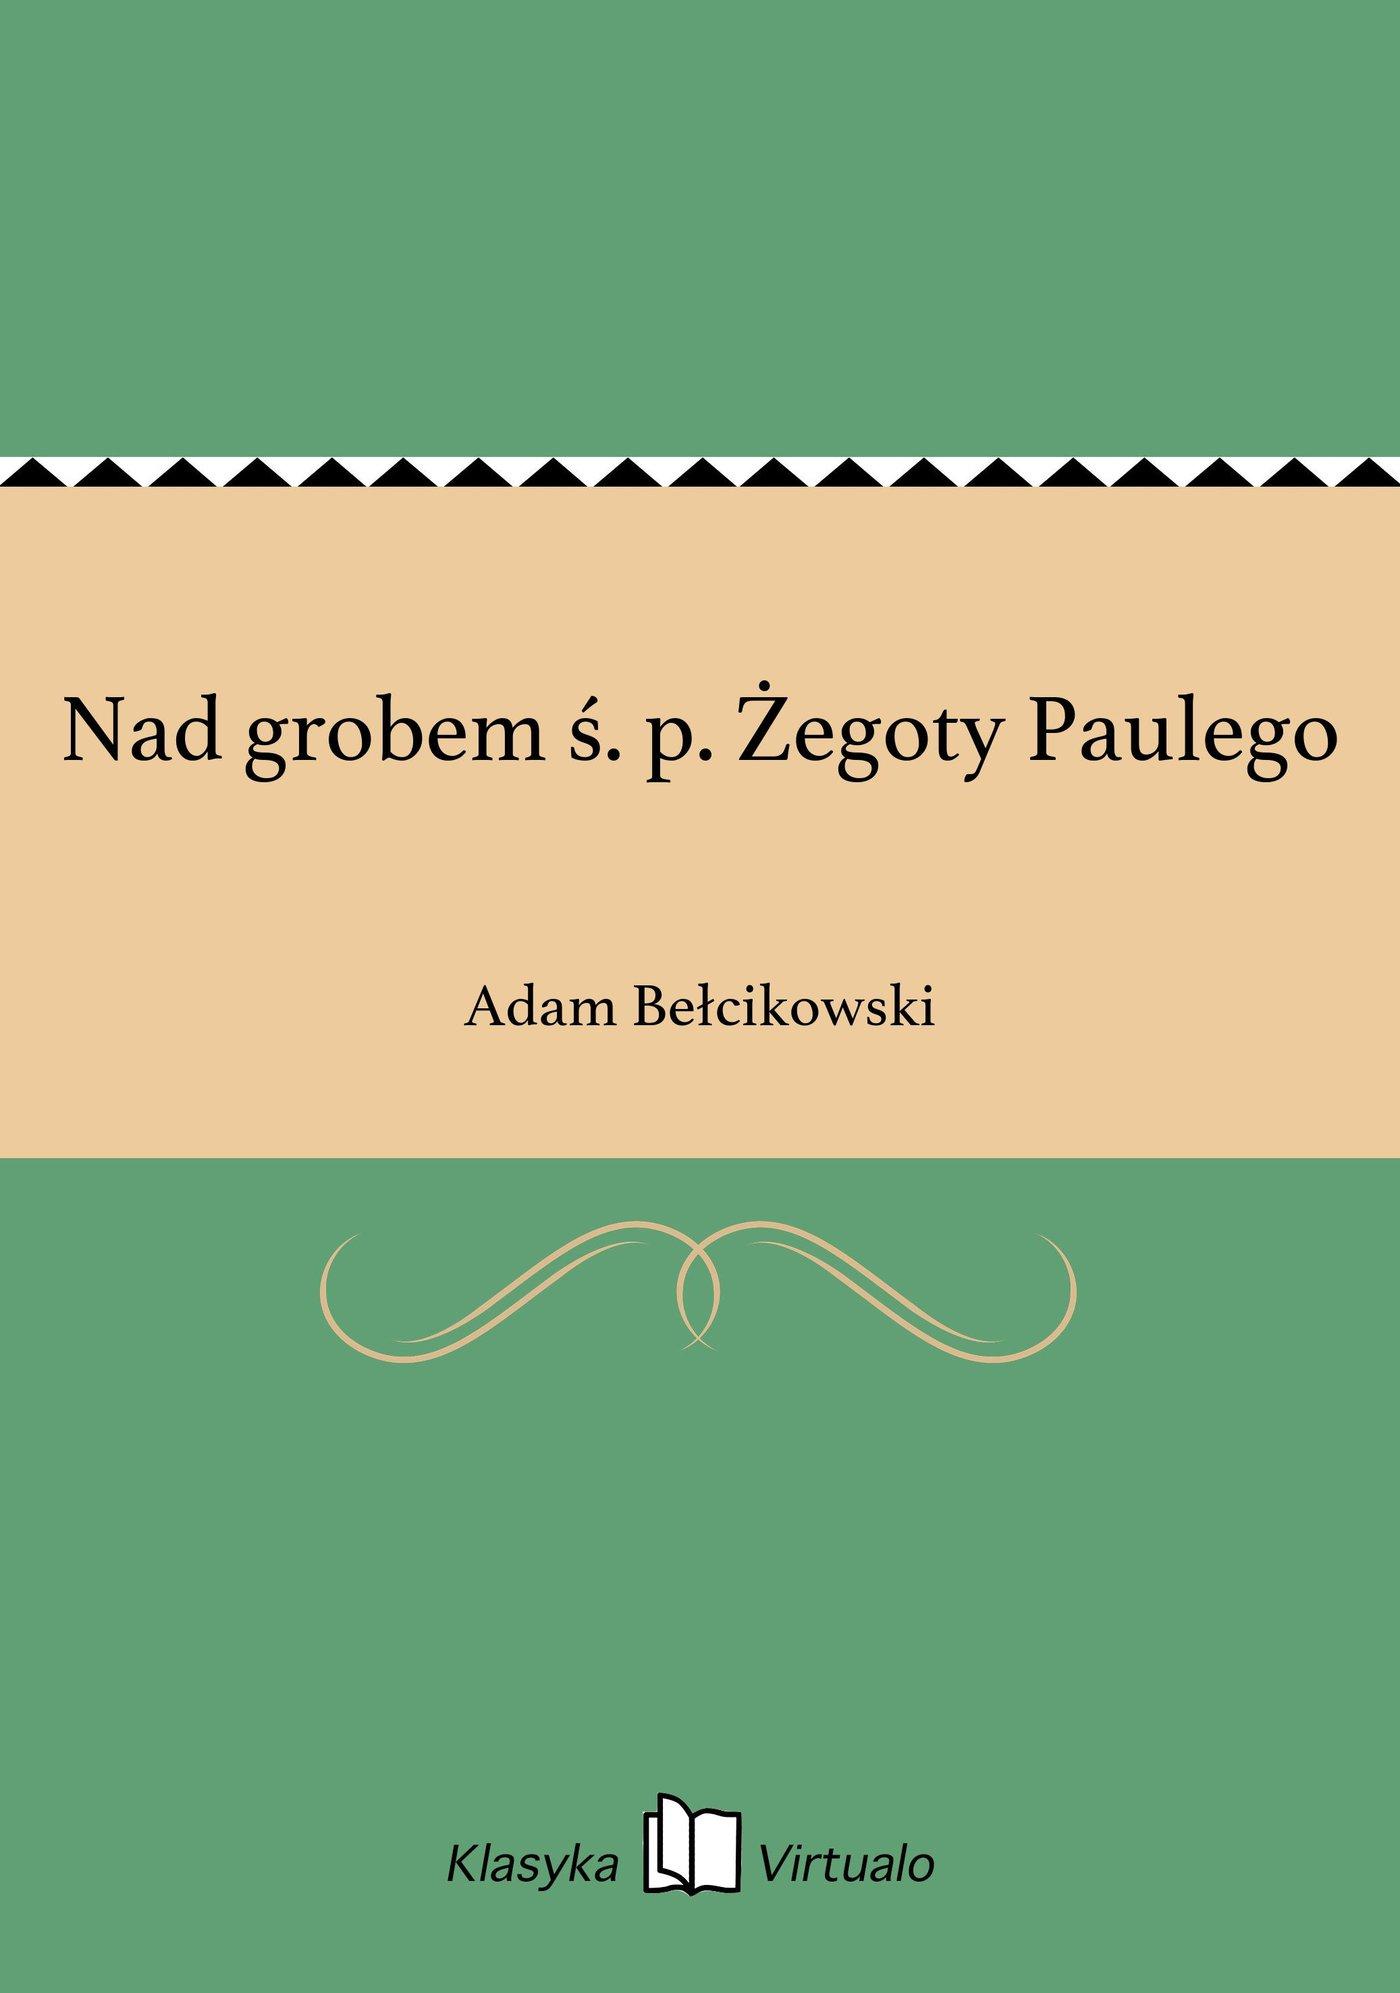 Nad grobem ś. p. Żegoty Paulego - Ebook (Książka na Kindle) do pobrania w formacie MOBI